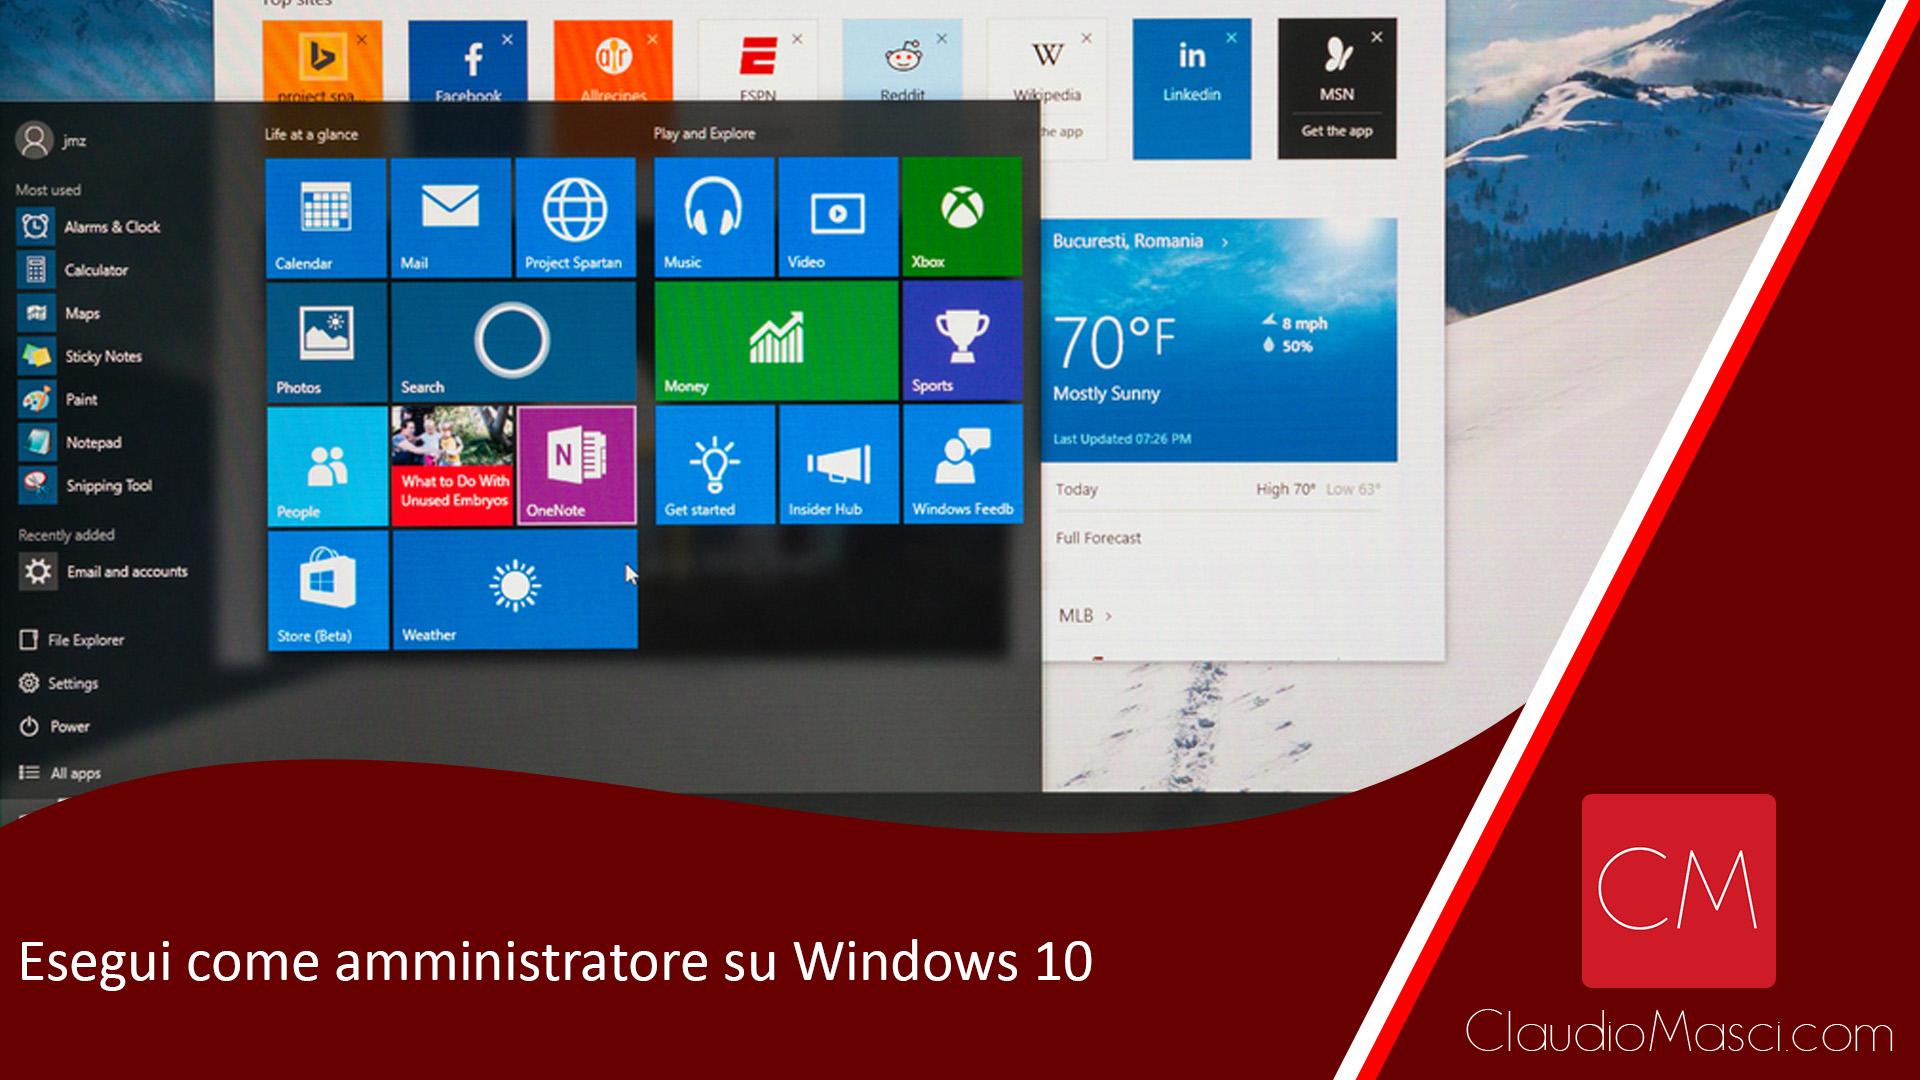 Esegui come amministratore su Windows 10